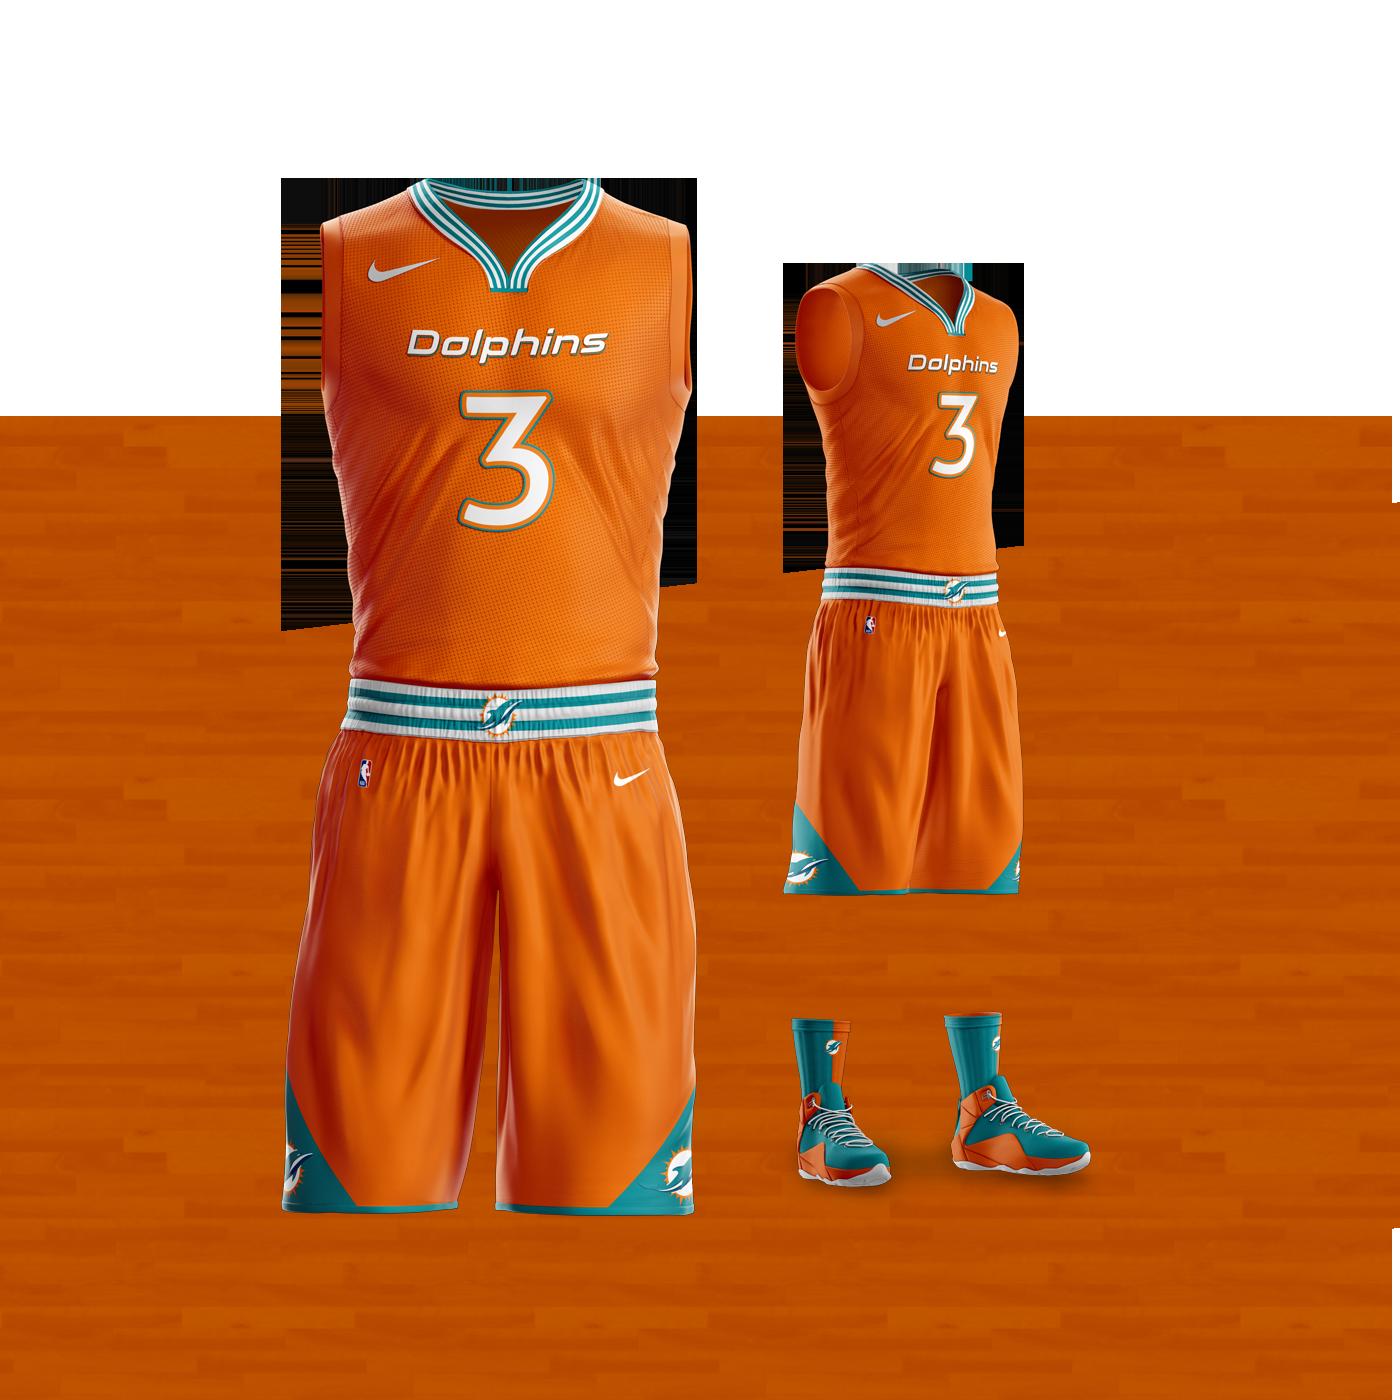 c1c50a7d78f4 NBAxNFL Basketball Uniforms on Behance